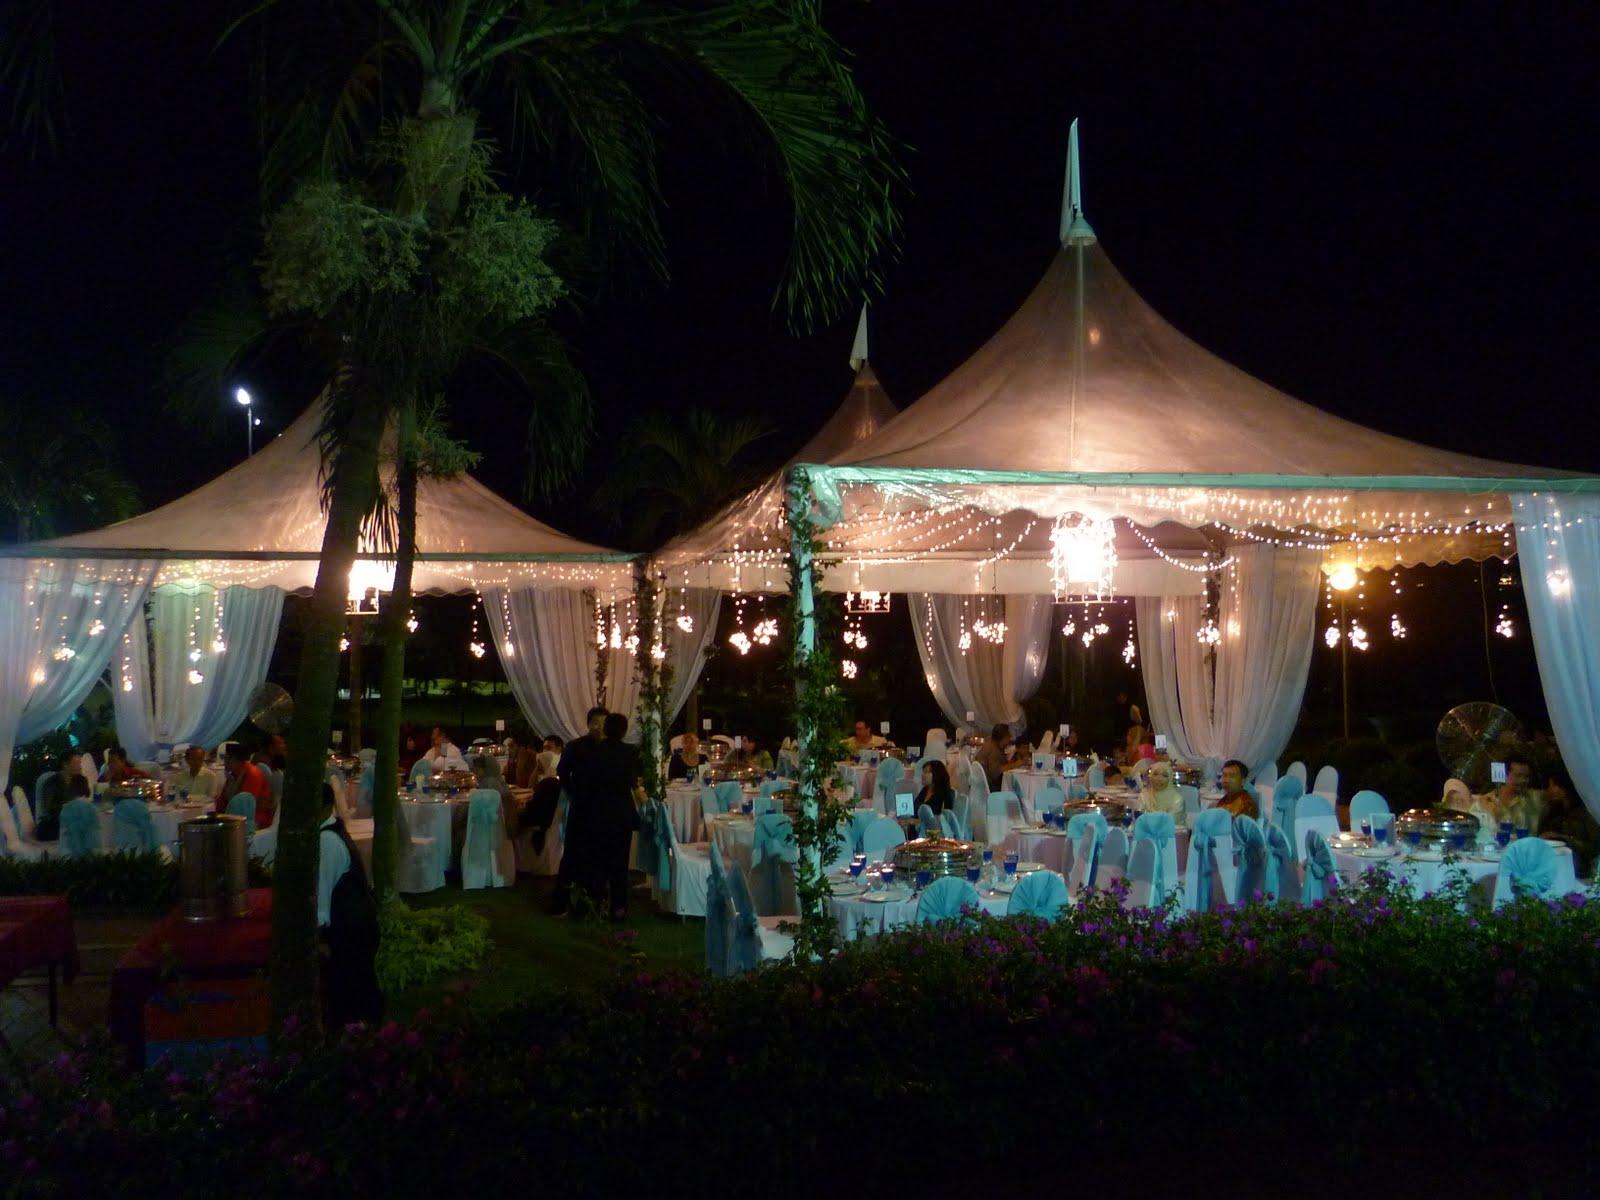 Kelab golf perkhidmatan awam wedding dresses